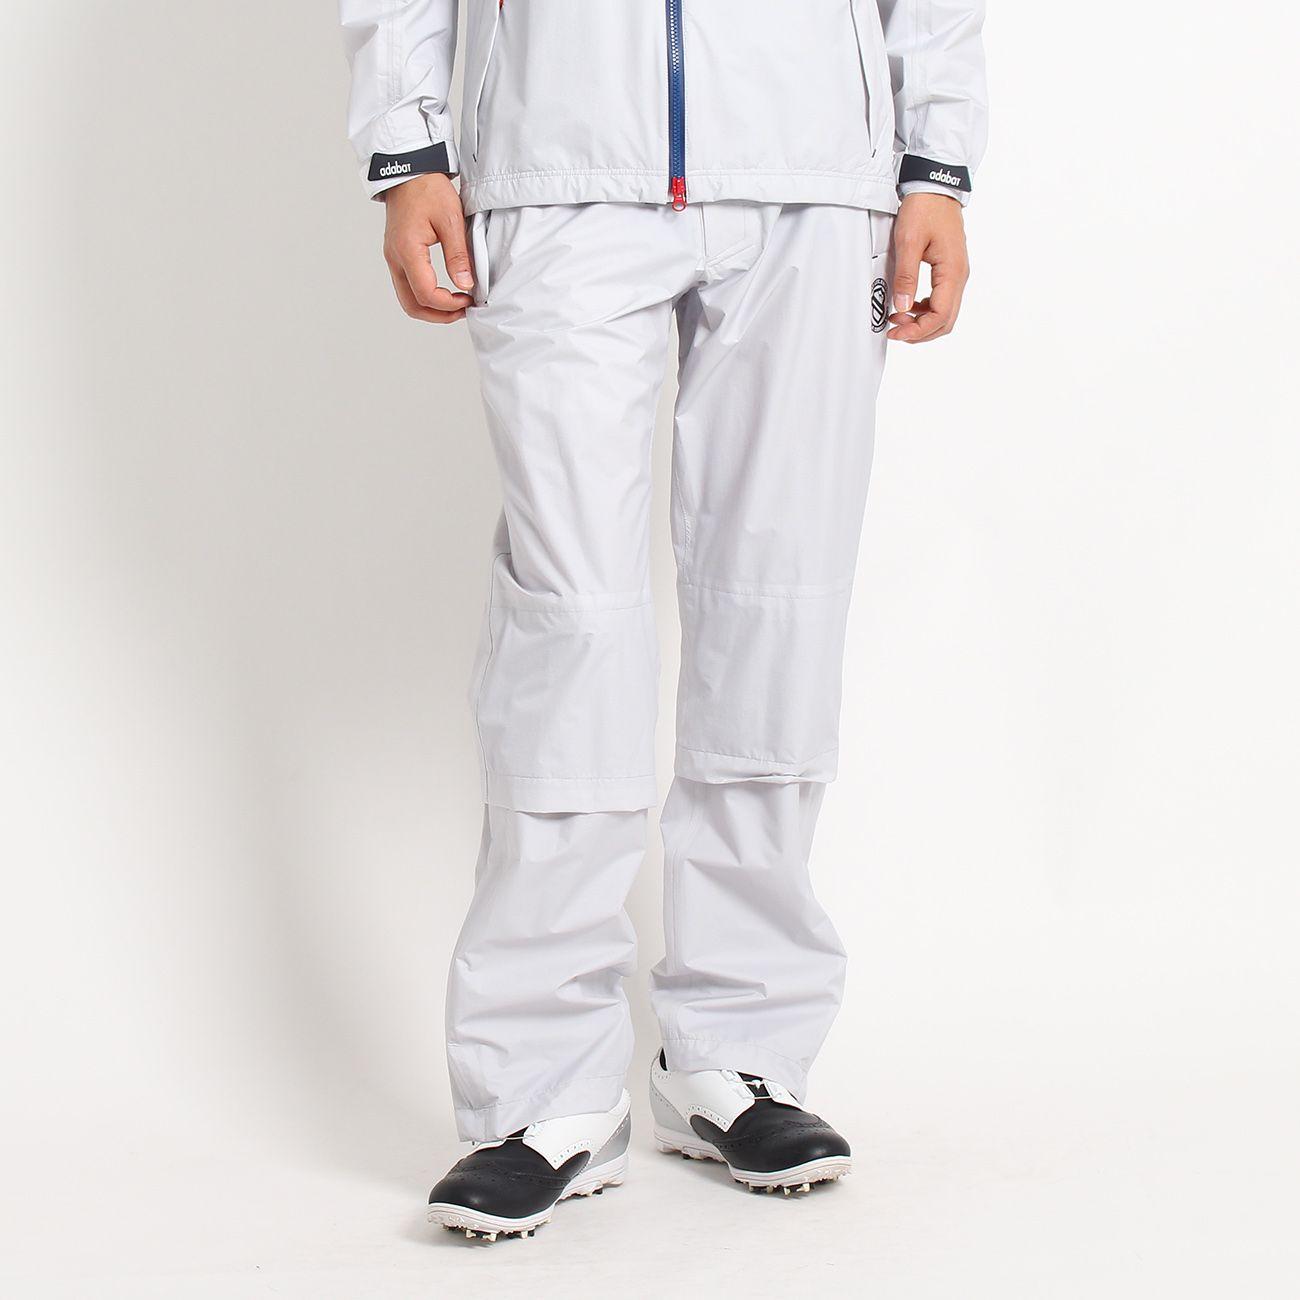 【レイン アイテム メンズ】パンツ